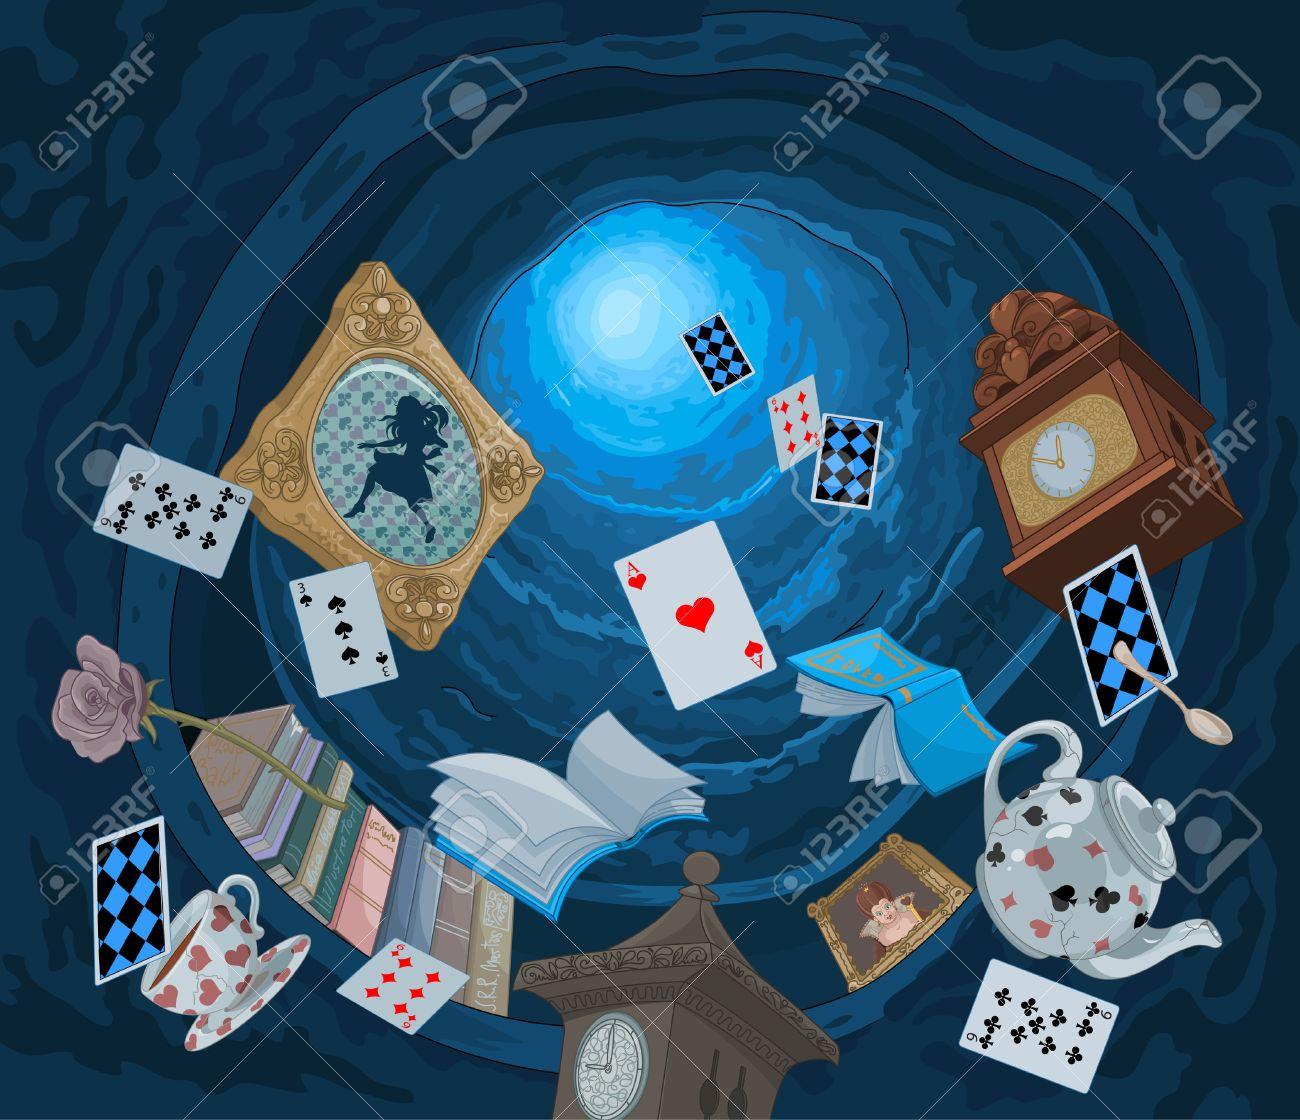 Abstrait arrière-plan des objets tombant dans le trou de lapin Banque d'images - 59842388